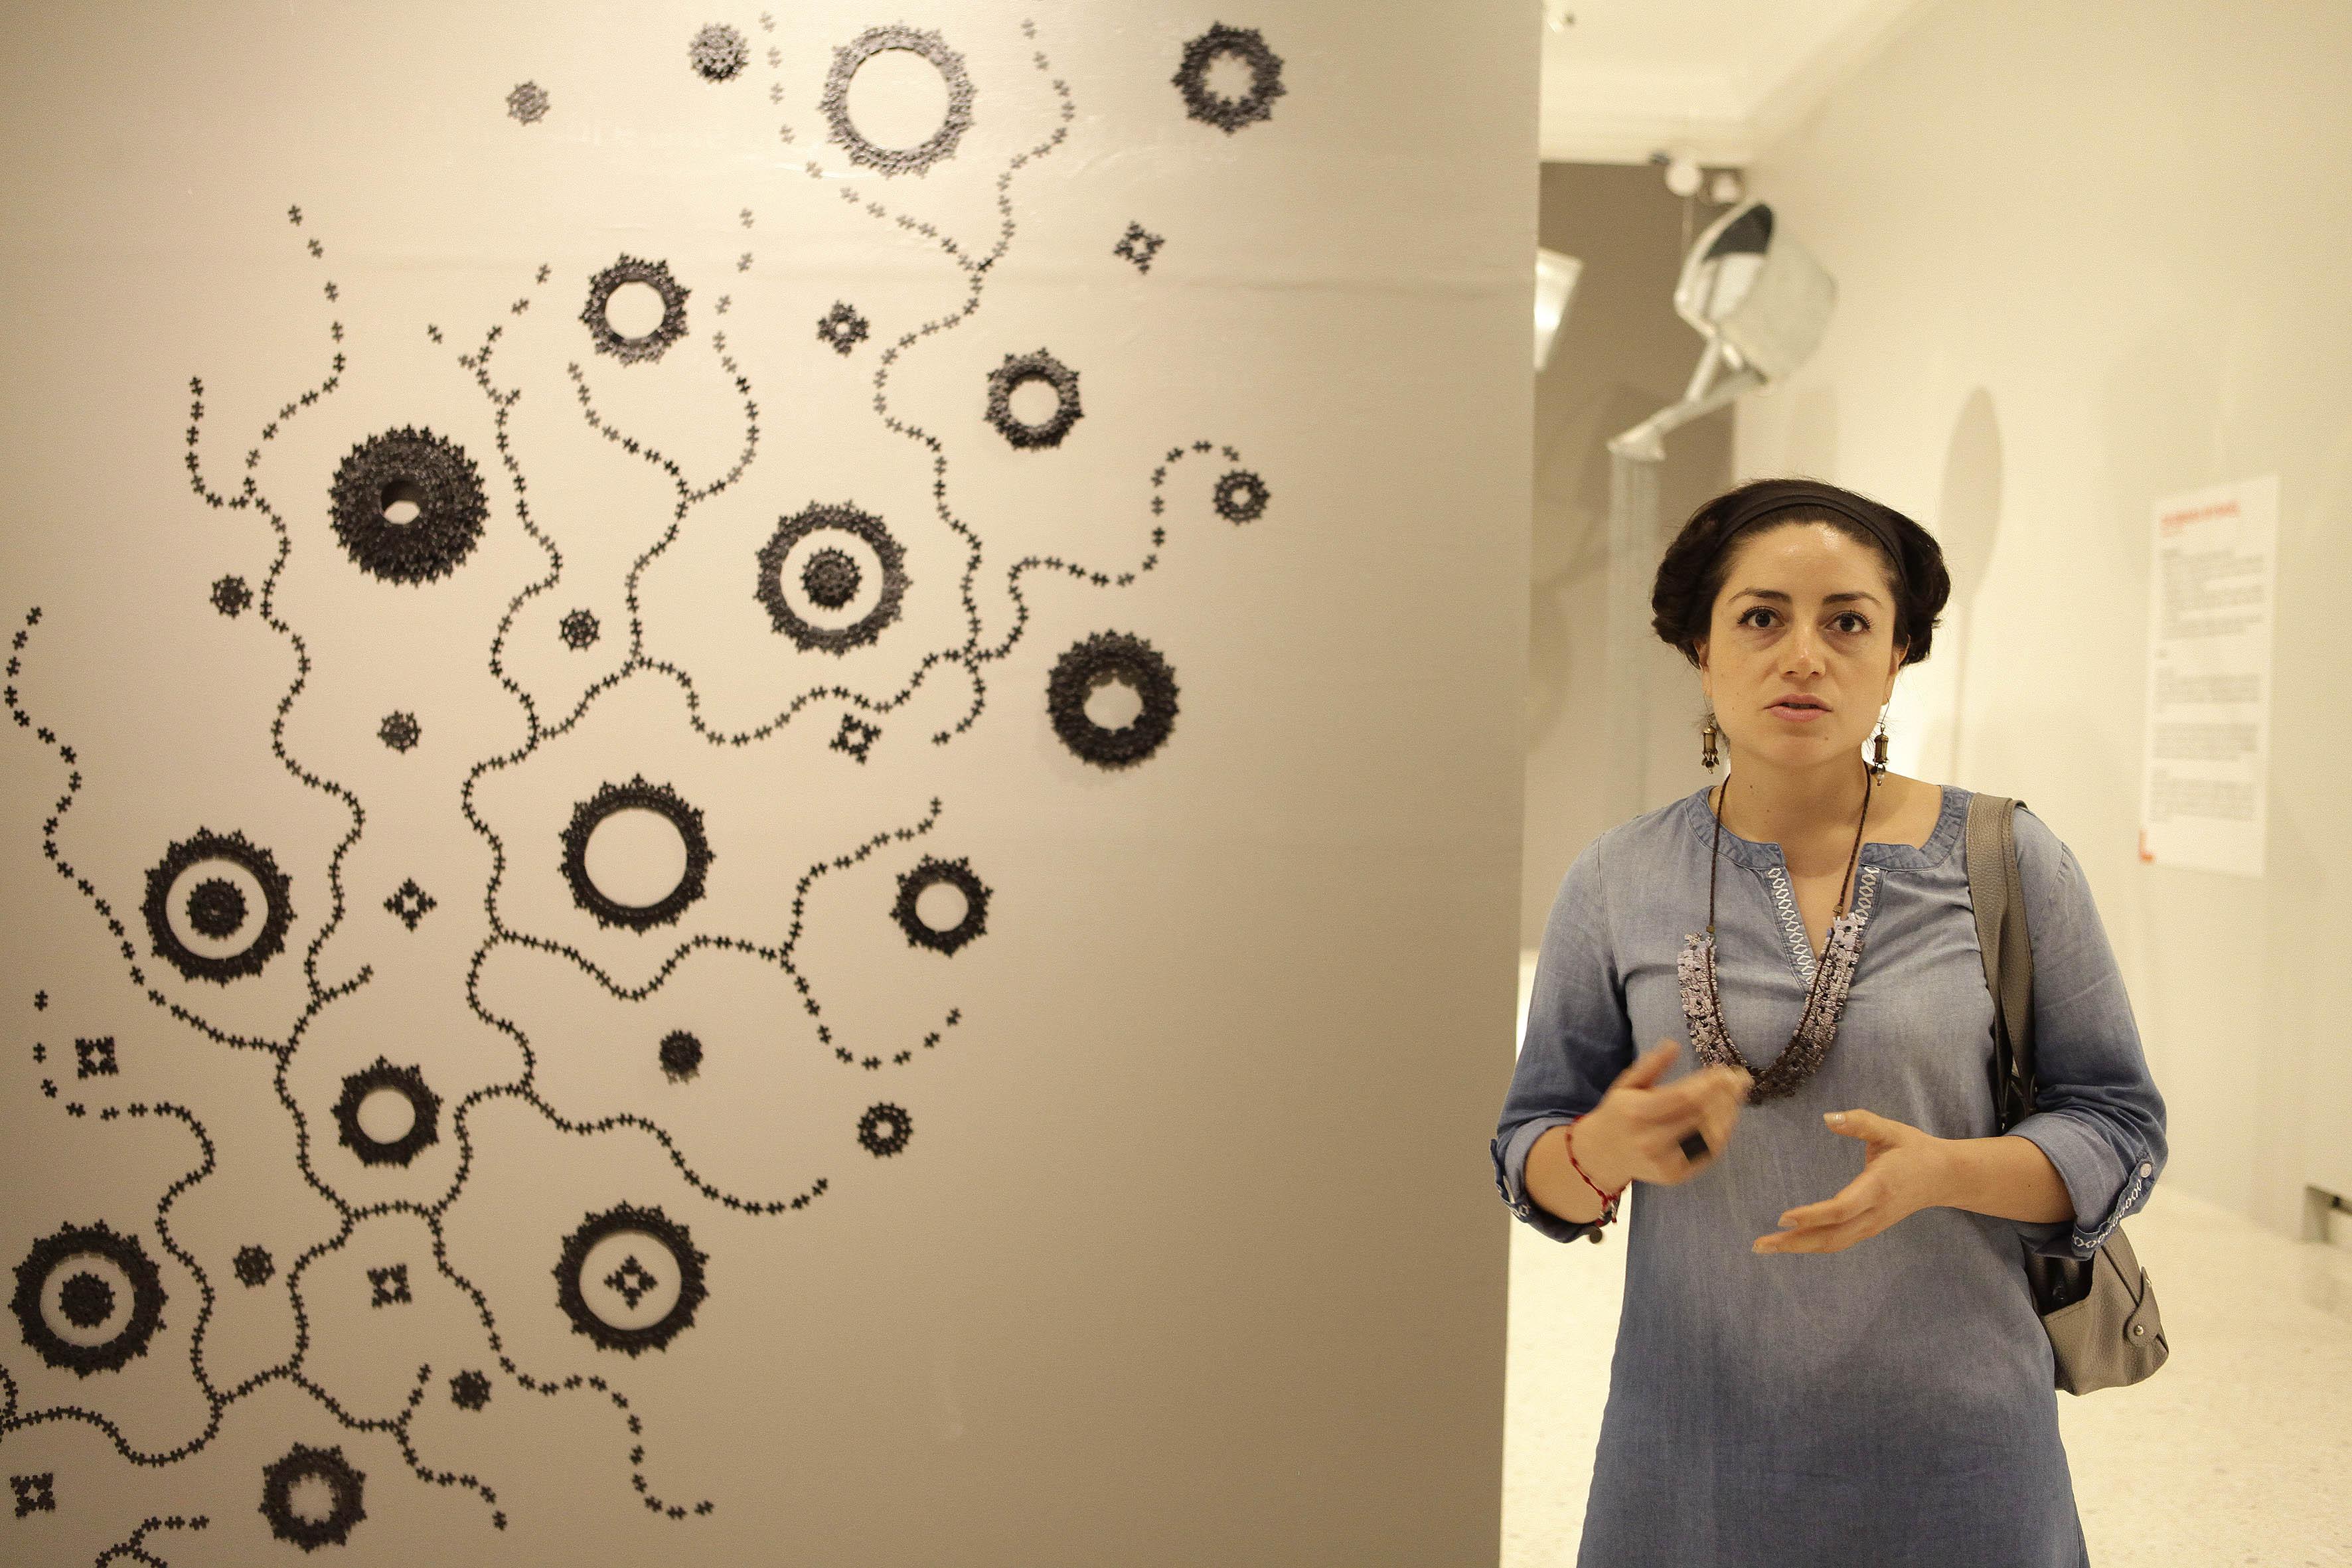 """La artista mexicana Karen Perry, a un lado de su obra en creación: """"Unidad de Construcción"""", haciendo una explicación."""